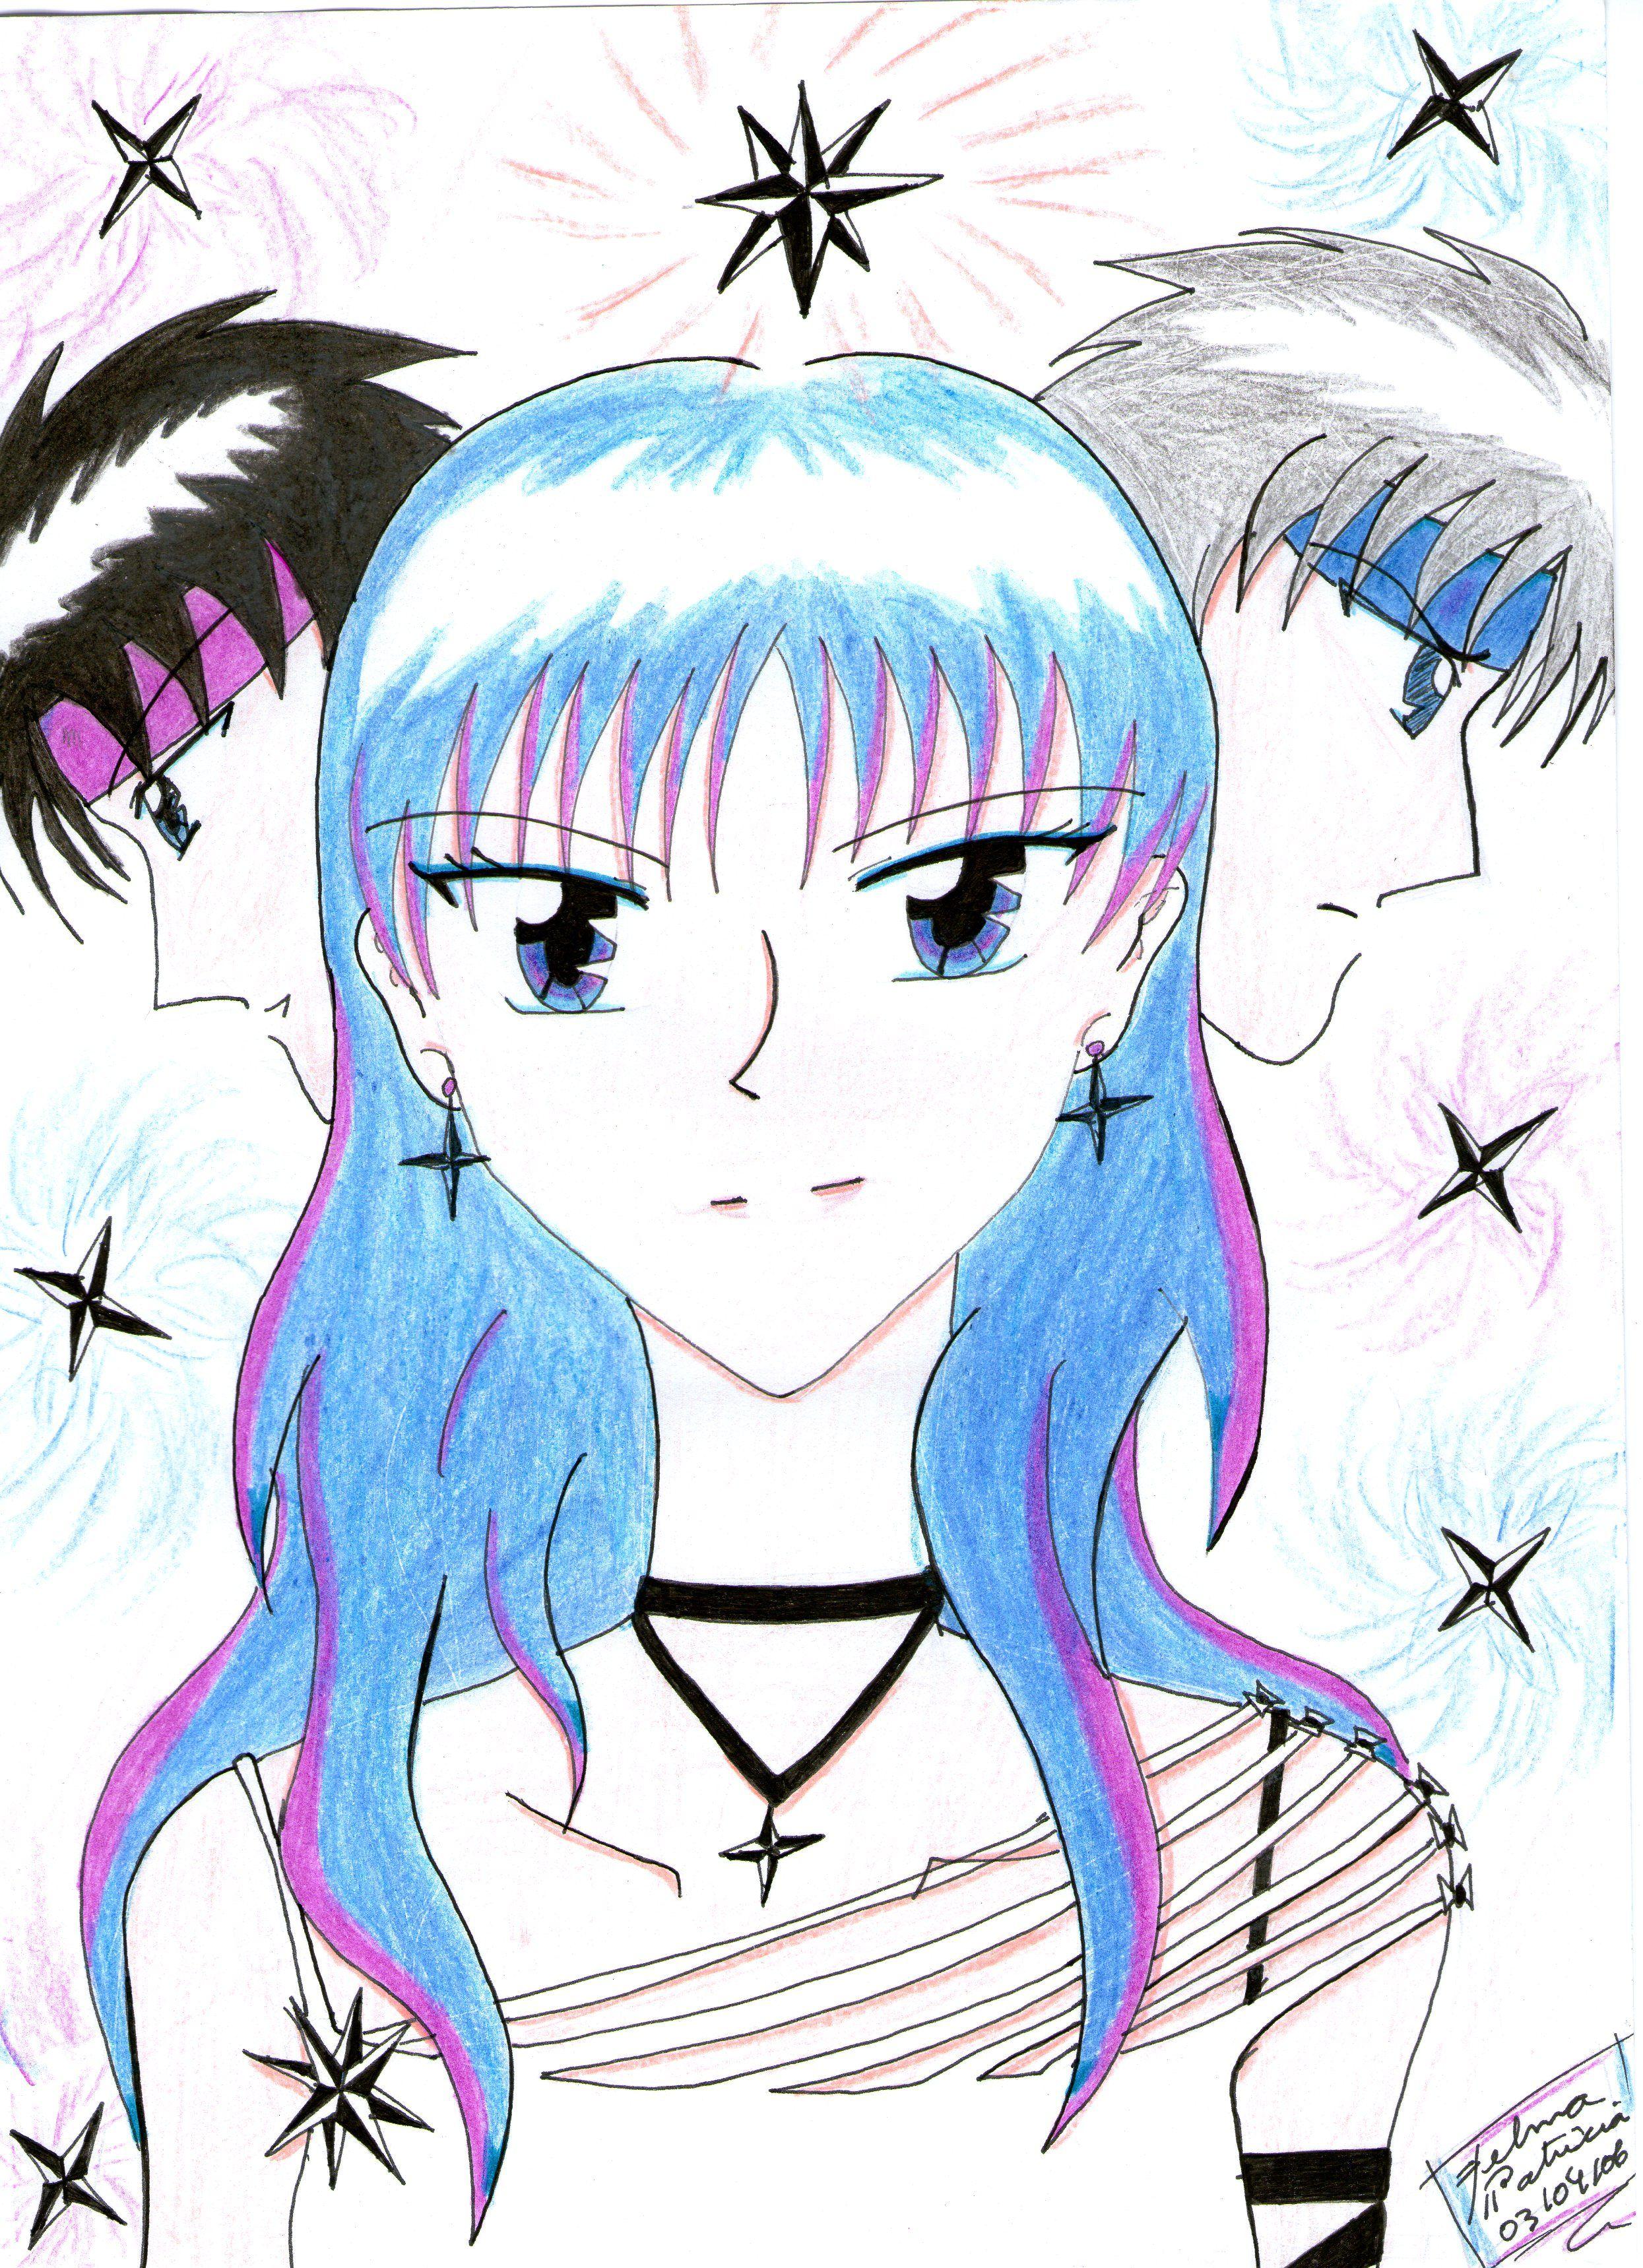 Desenho de personagens de uma história minha.